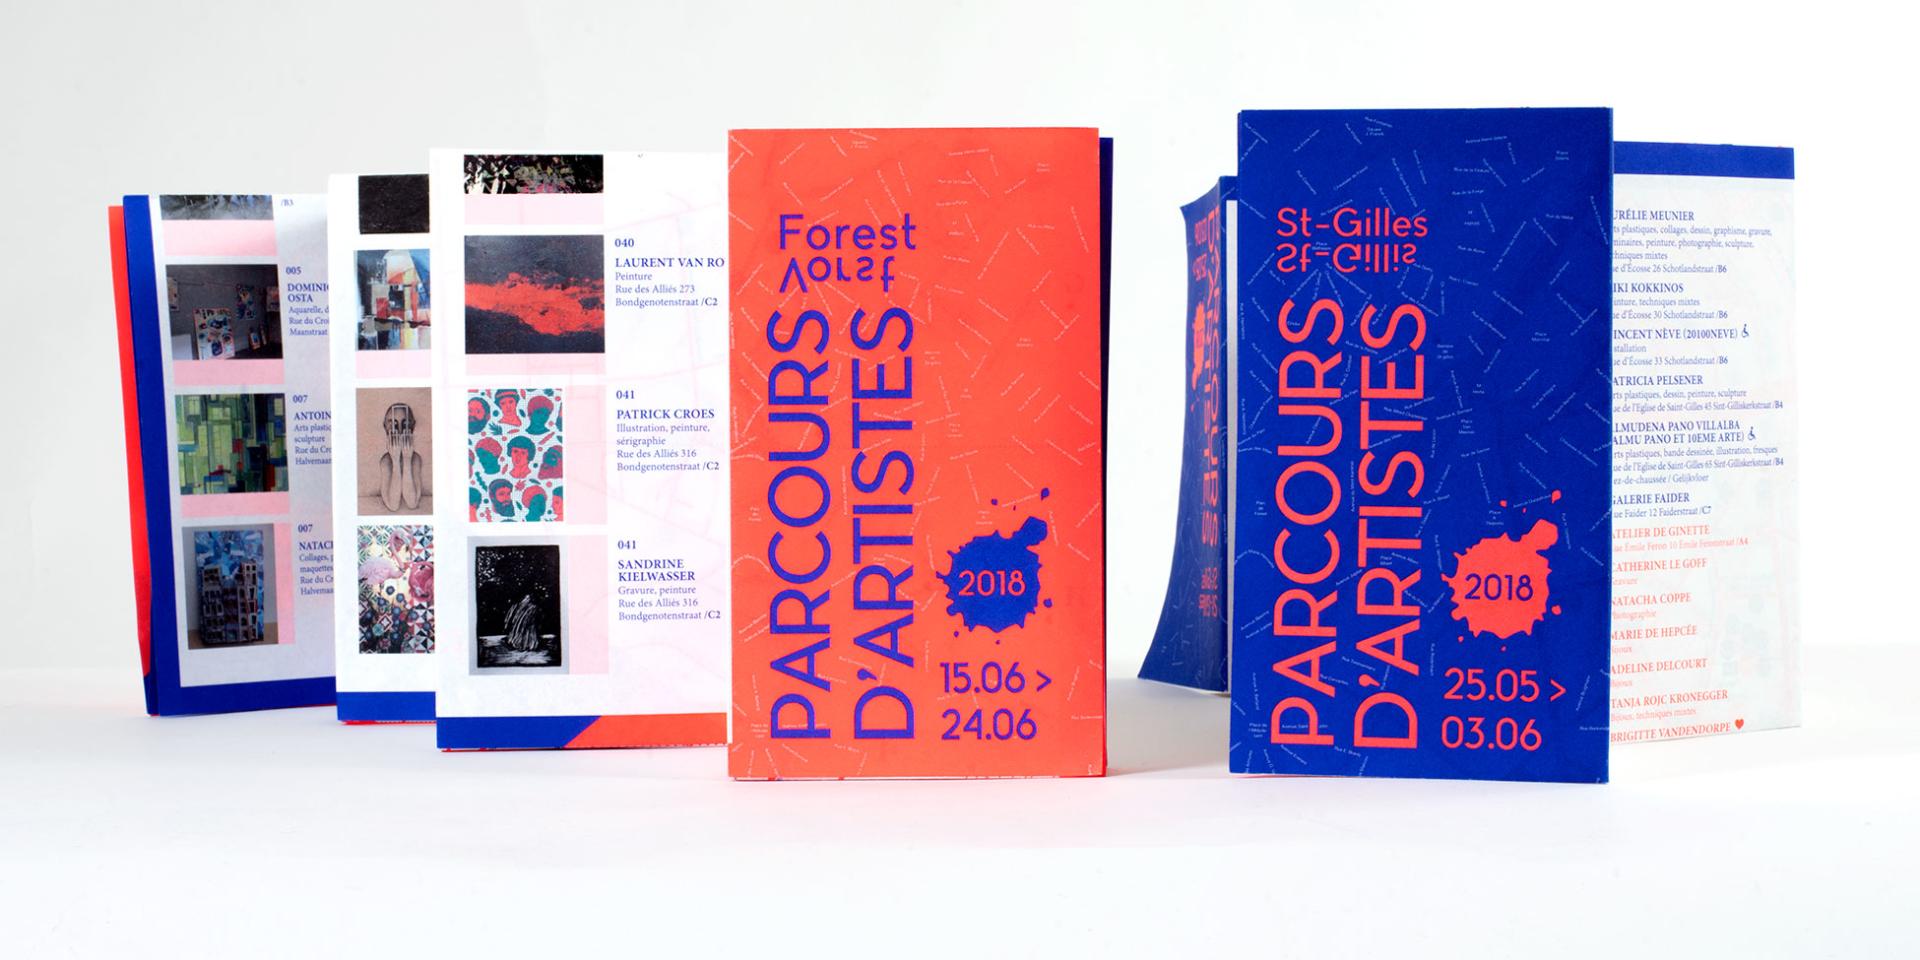 Parcours d'Artistes Saint-Gilles & Forest 2018